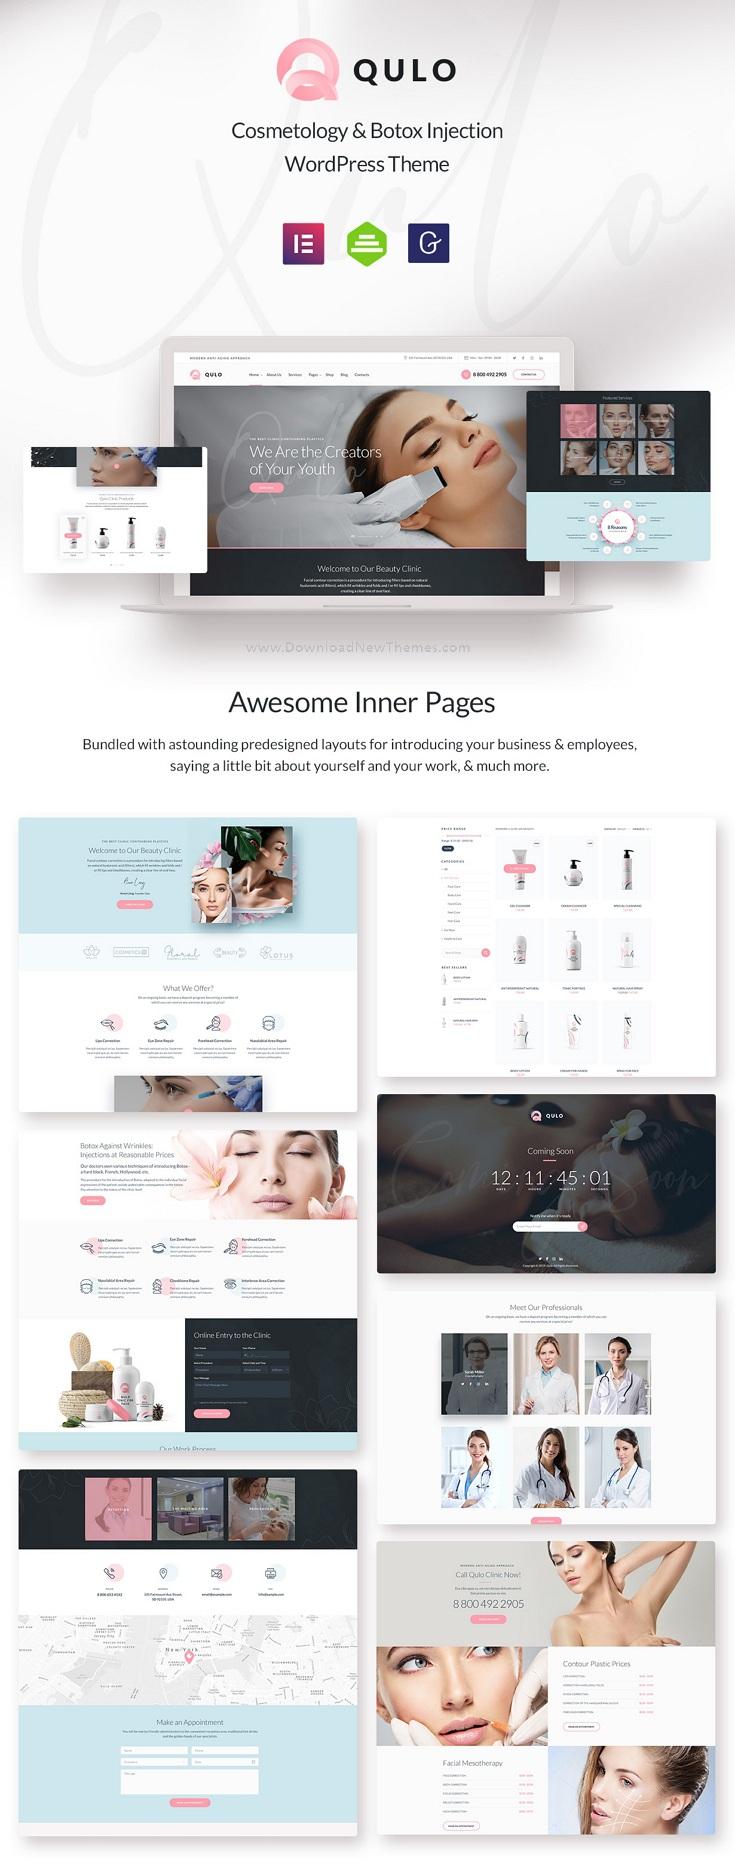 Cosmetology and Botox Injection WordPress Theme